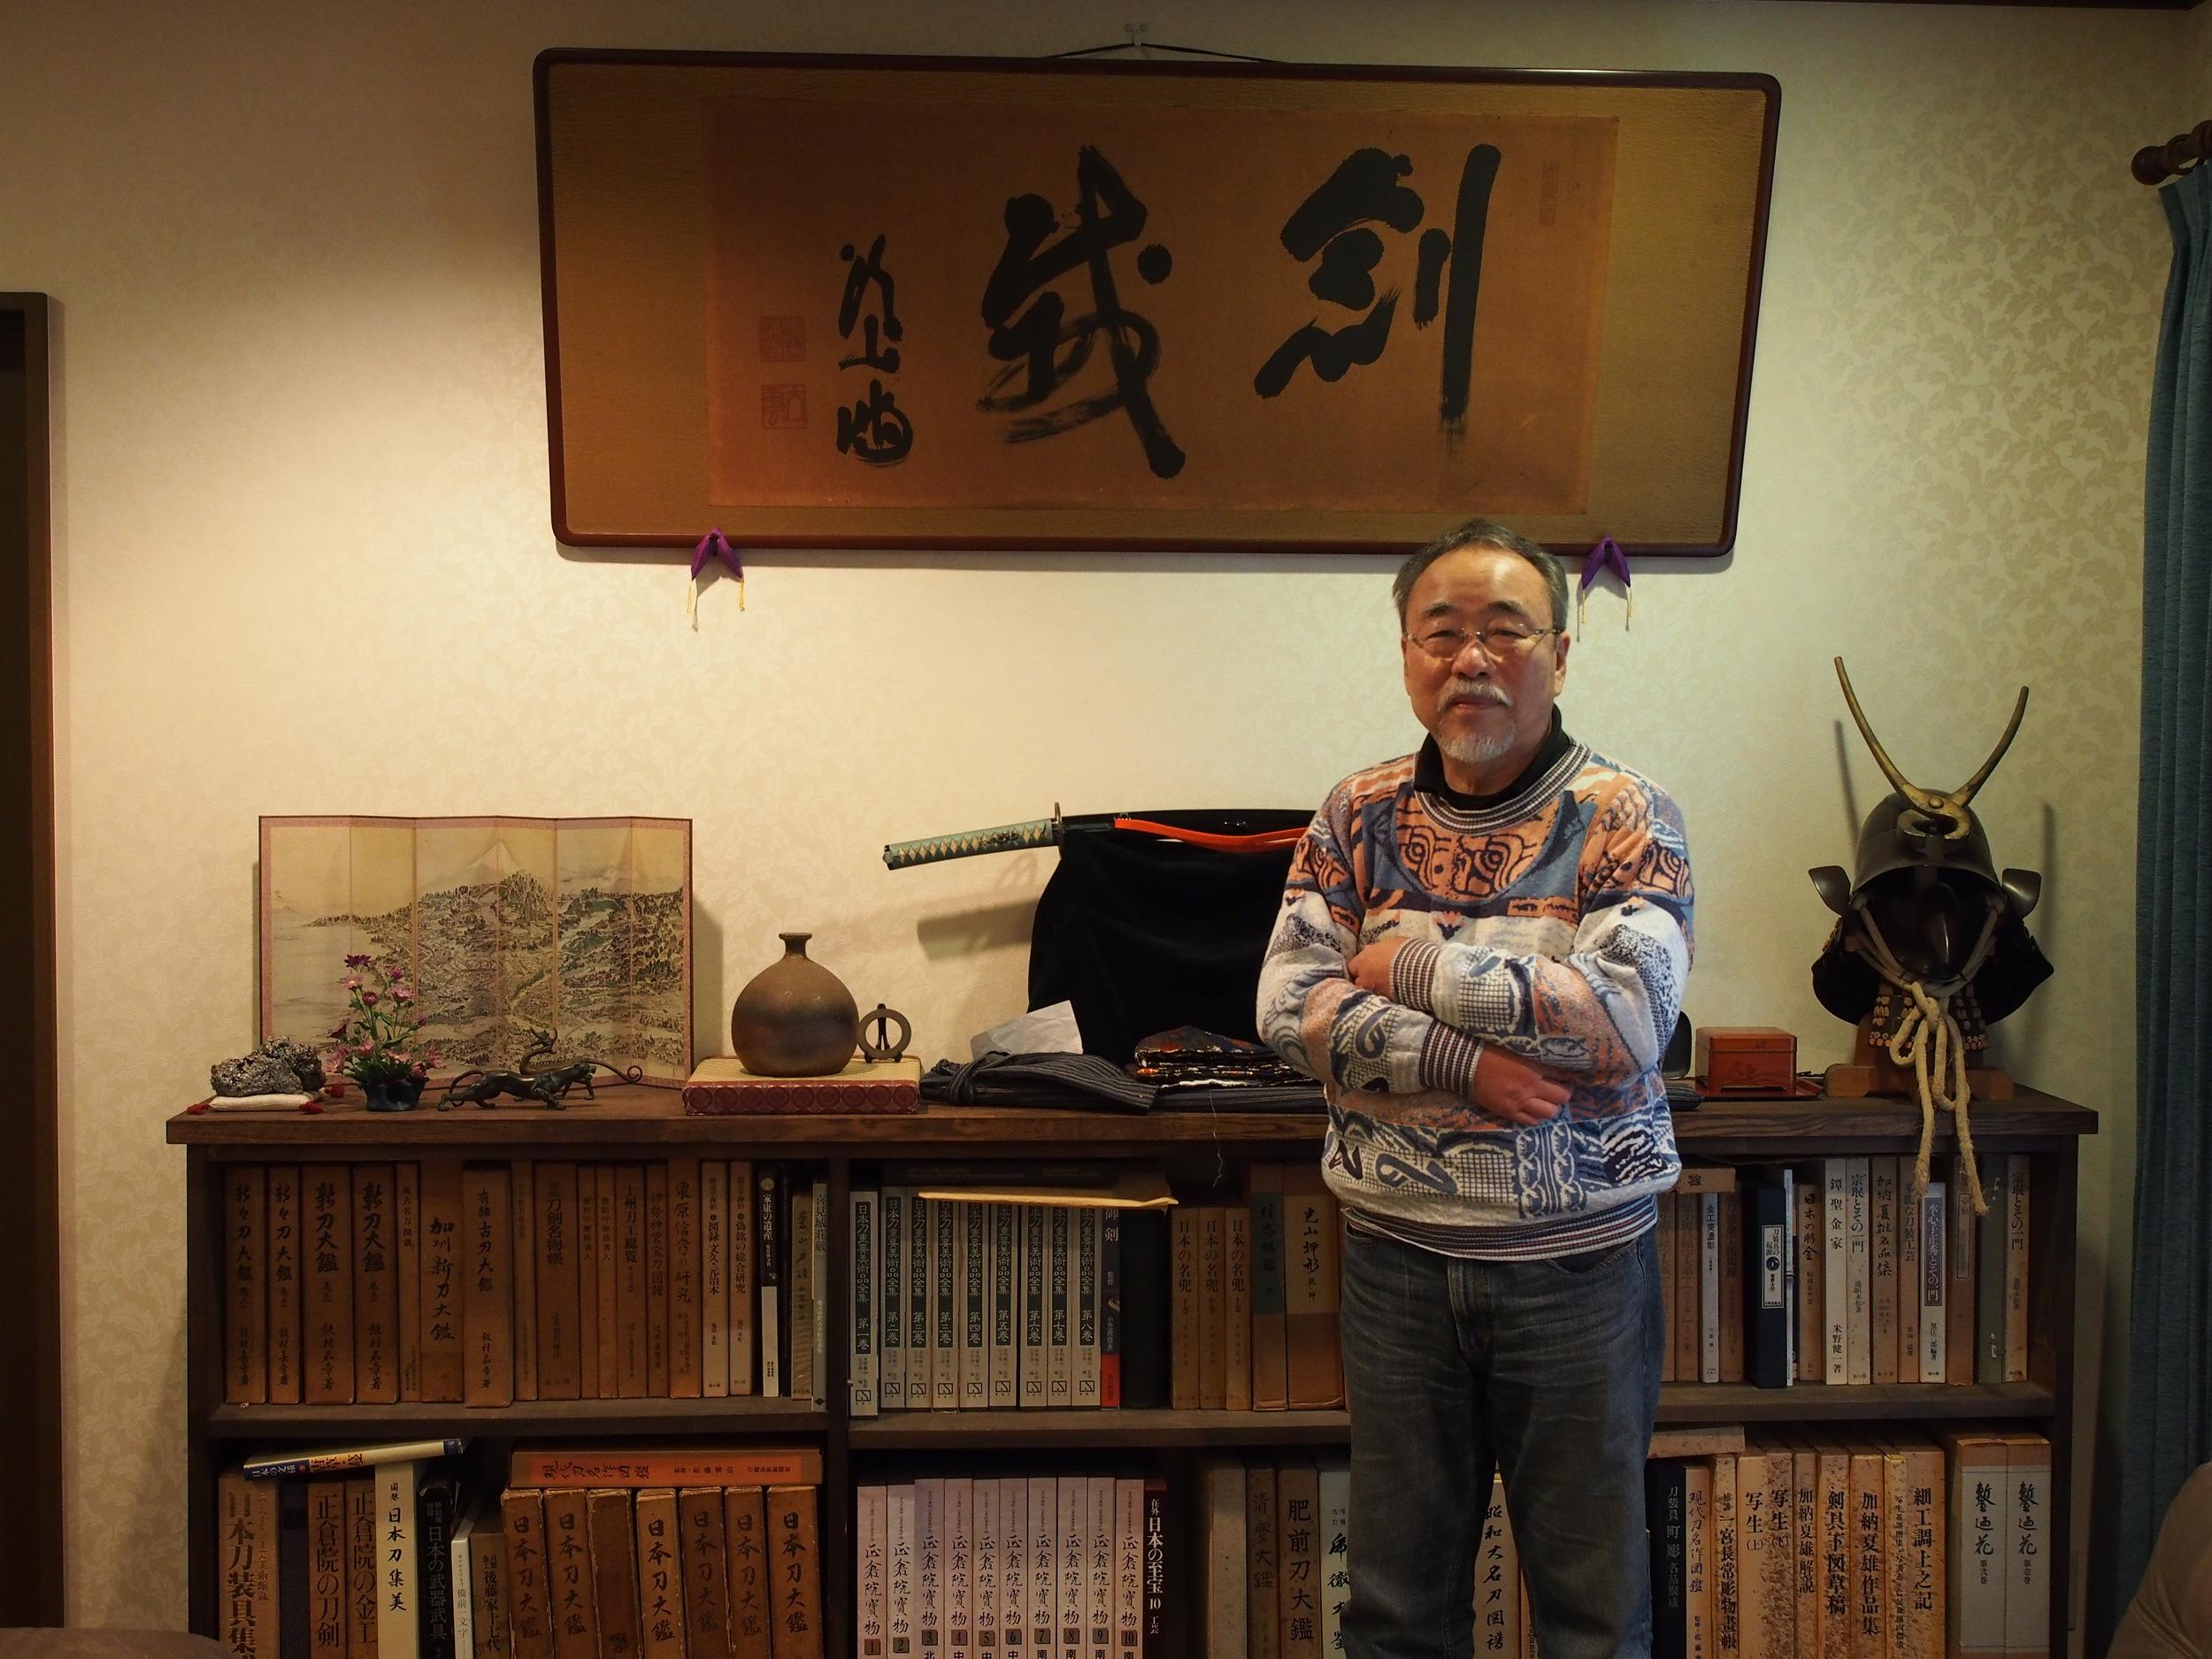 KATANA SWORDSMITH   Yoshindo Yoshihara